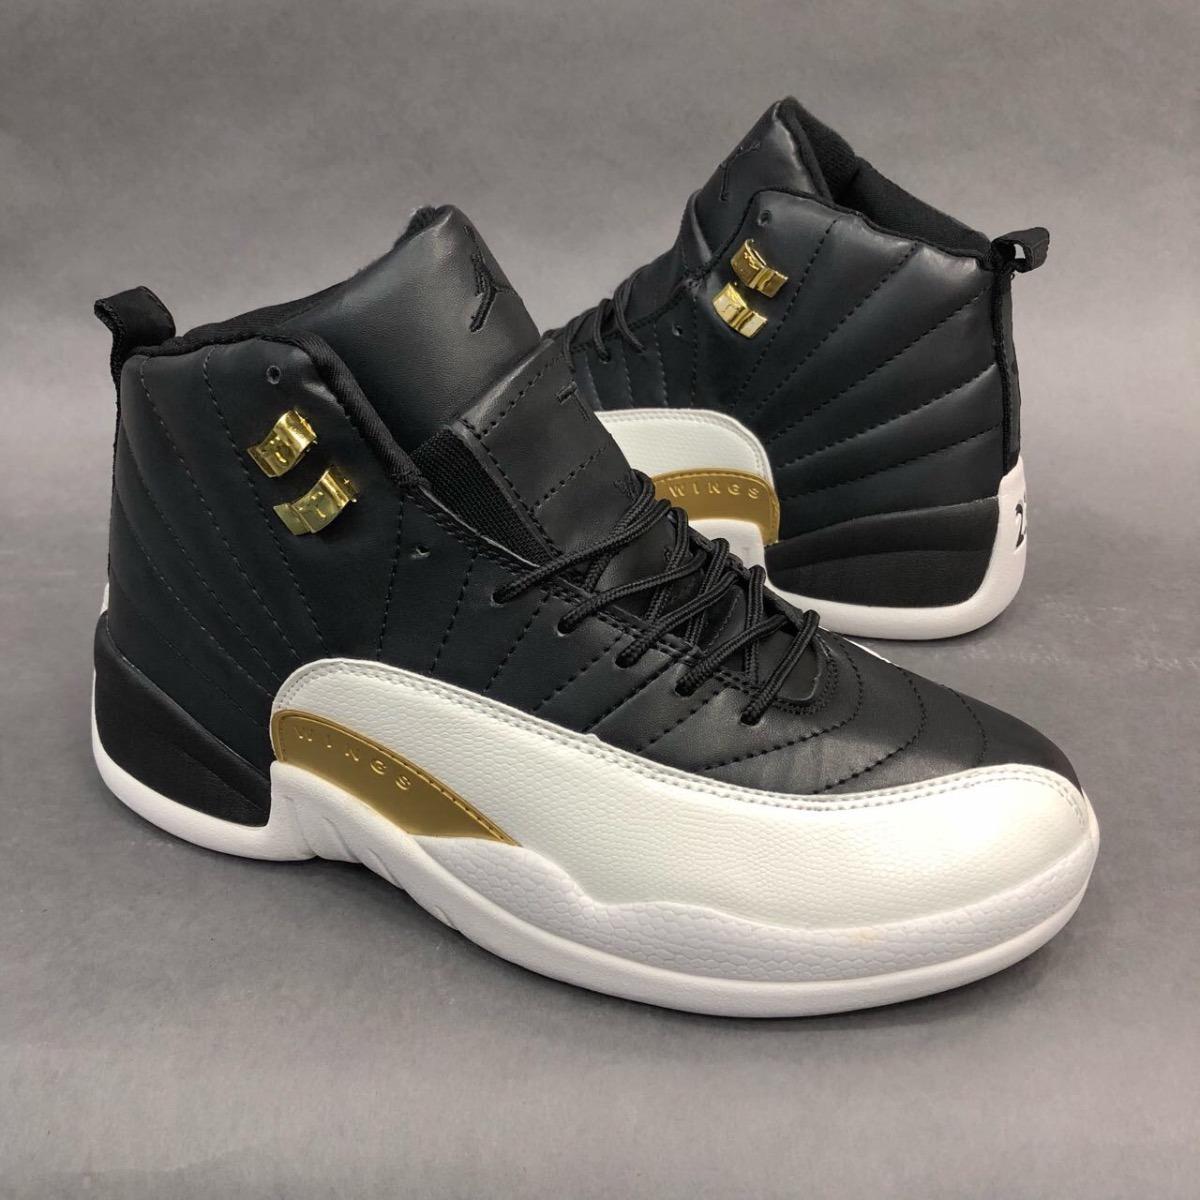 bd17f539e9e15 botas zapatillas nike jordan jumpman negro blanco hombre env. Cargando zoom.